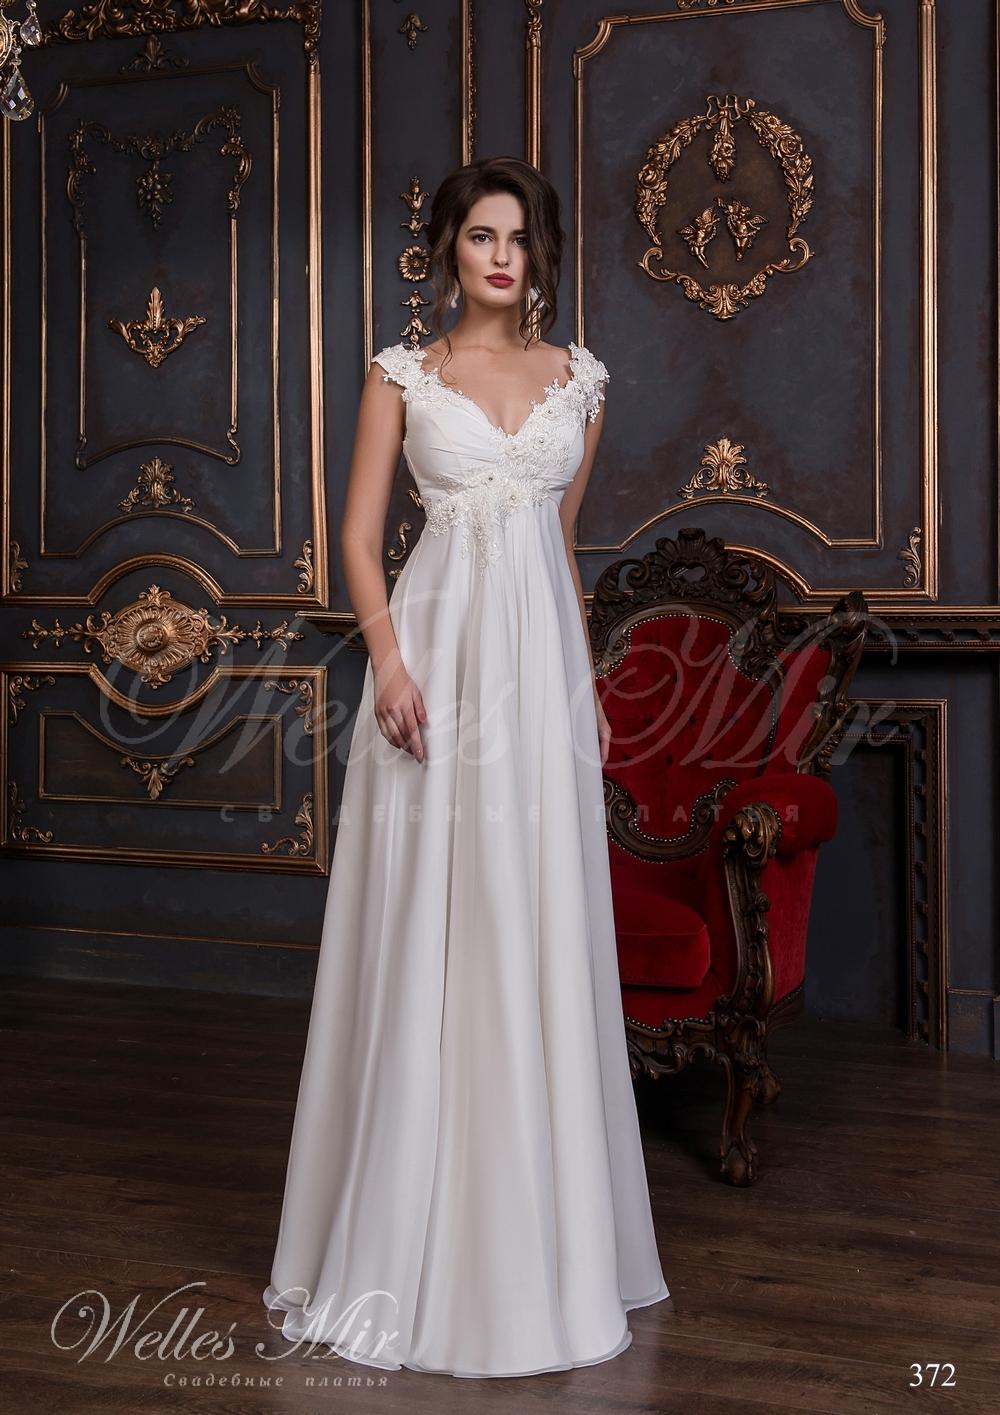 Свадебные платья Luxury collection 2017-2018 - 372